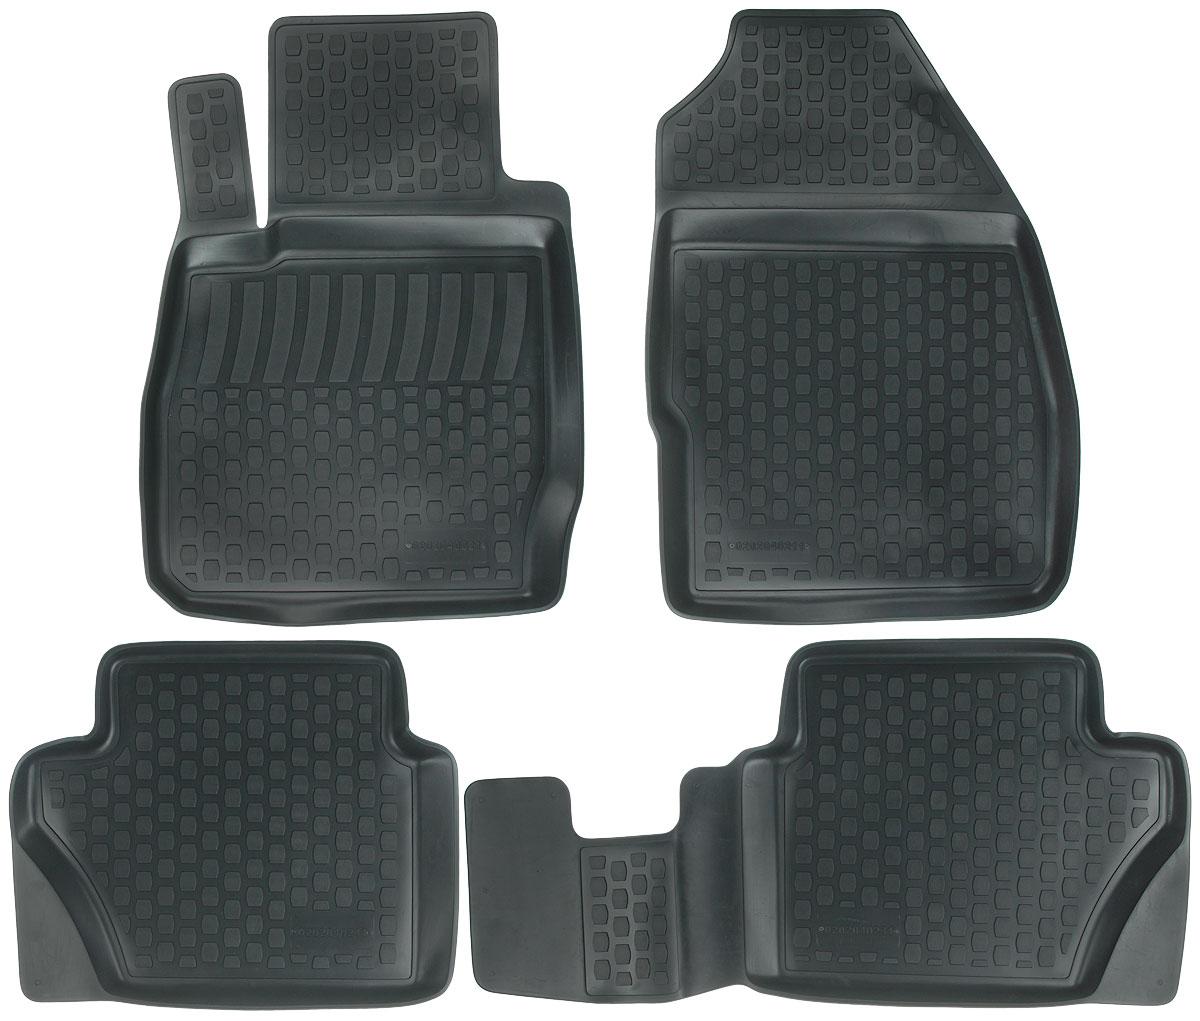 Набор автомобильных ковриков L.Locker Ford Fiesta 2008, в салон, 4 штВетерок 2ГФНабор L.Locker Ford Fiesta 2008, изготовленный из полиуретана,состоит из 4 ковриков, которые производятся индивидуально для каждой моделиавтомобиля. Изделие точно повторяет геометрию пола автомобиля, имеет высокийборт, обладает повышенной износоустойчивостью, лишено резкого запаха и сохраняет своипотребительские свойства в широком диапазоне температур от -50°С до +50°С.Комплектация: 4 шт.Размер ковриков: 74 см х 53 см; 86 см х 45 см; 54 см х 44 см; 75 см х 52 см.